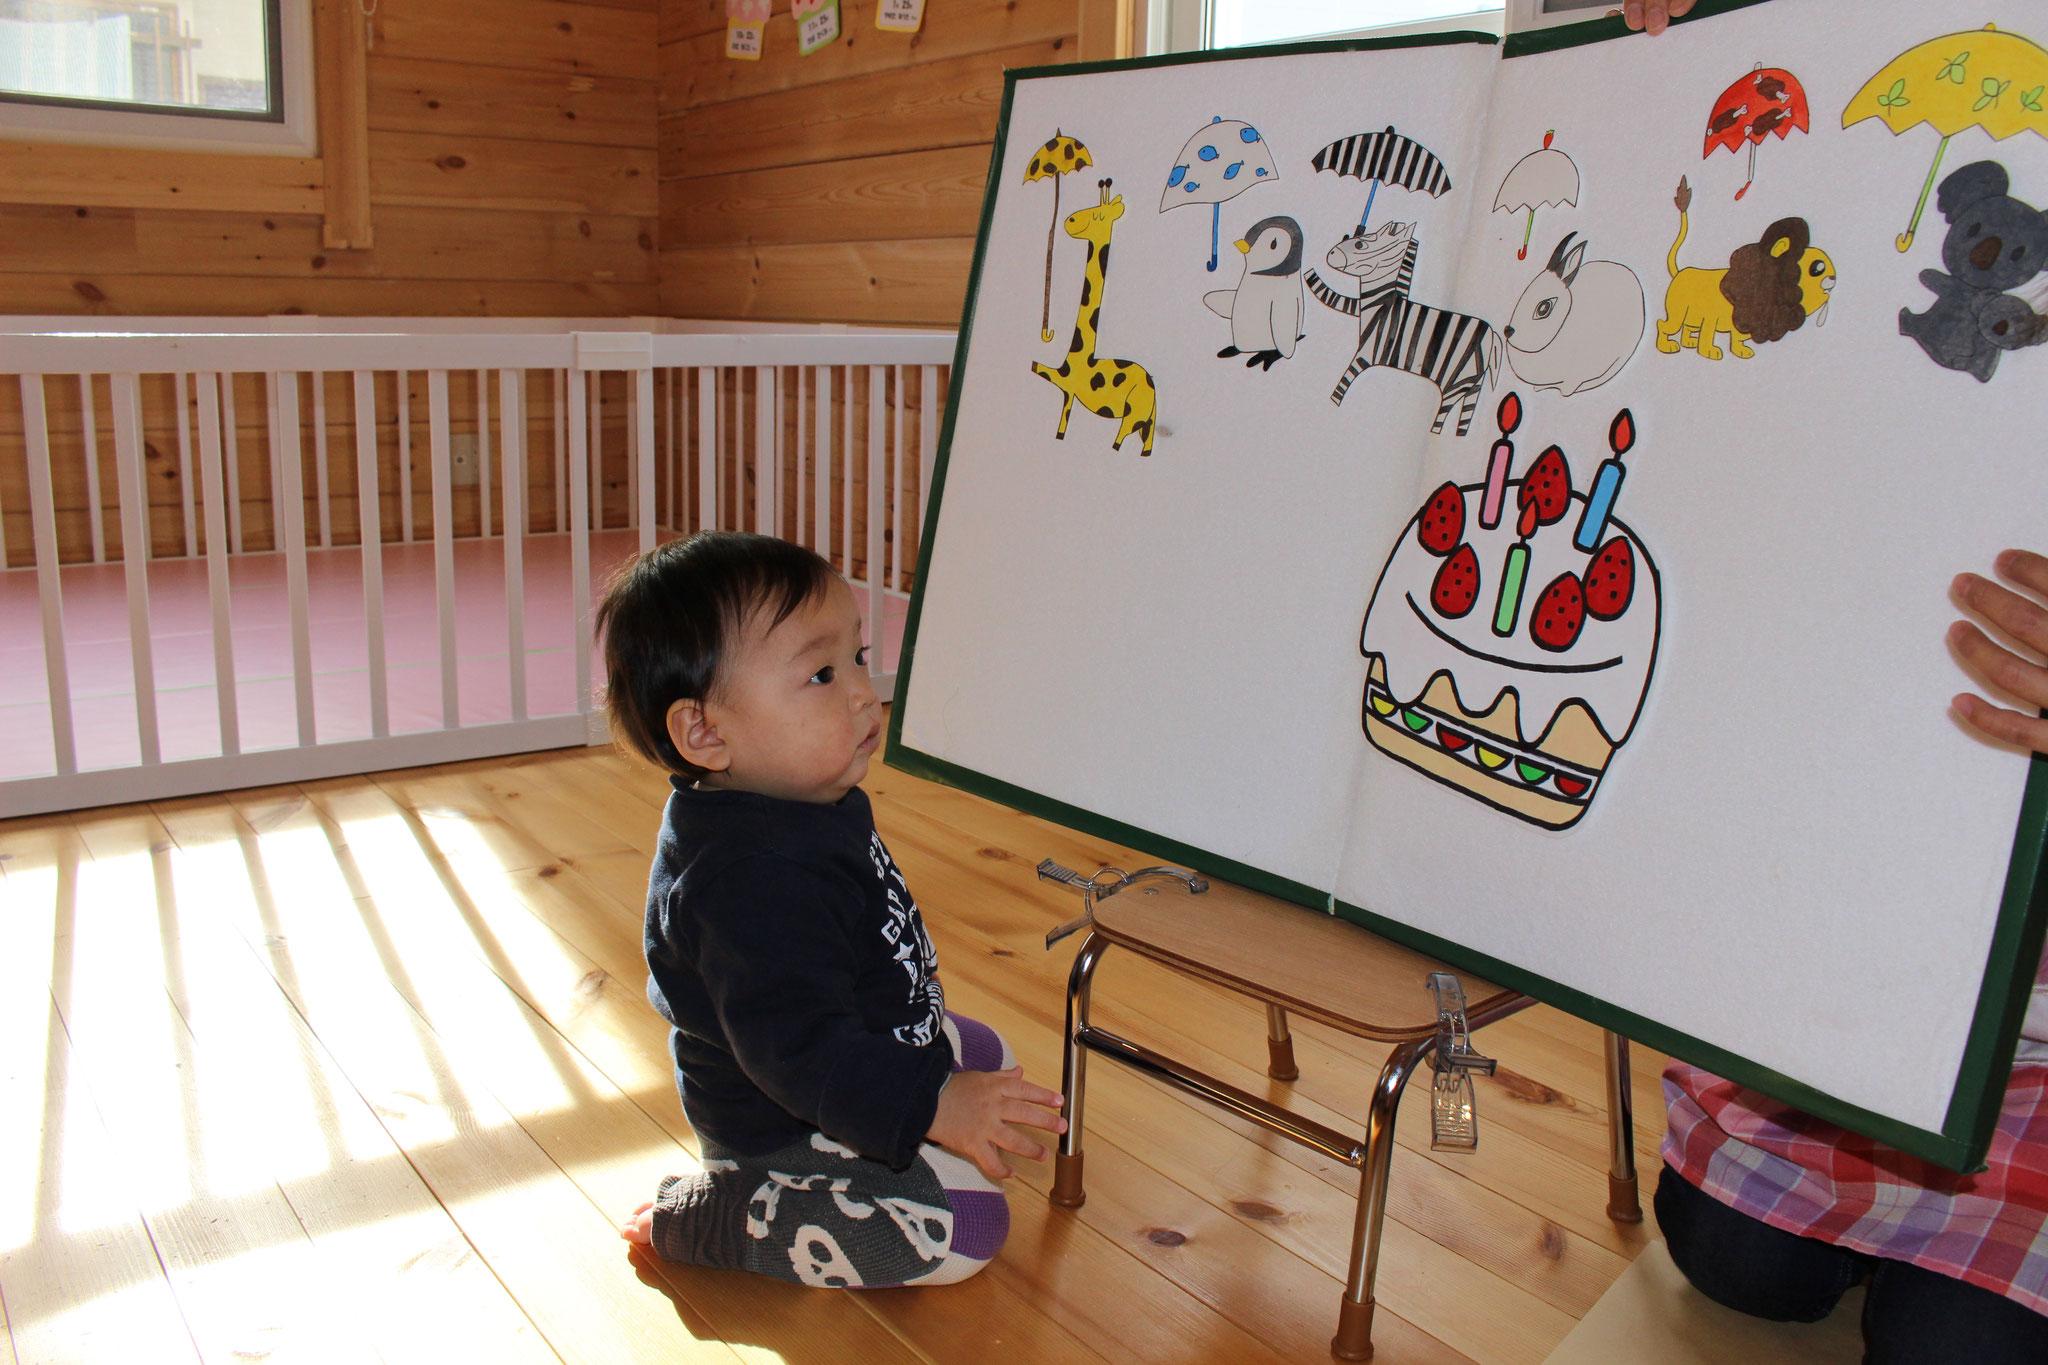 前日に 1歳の お誕生日をむかえた Kくん! おおきなケーキを どうぞ (*^-^*)